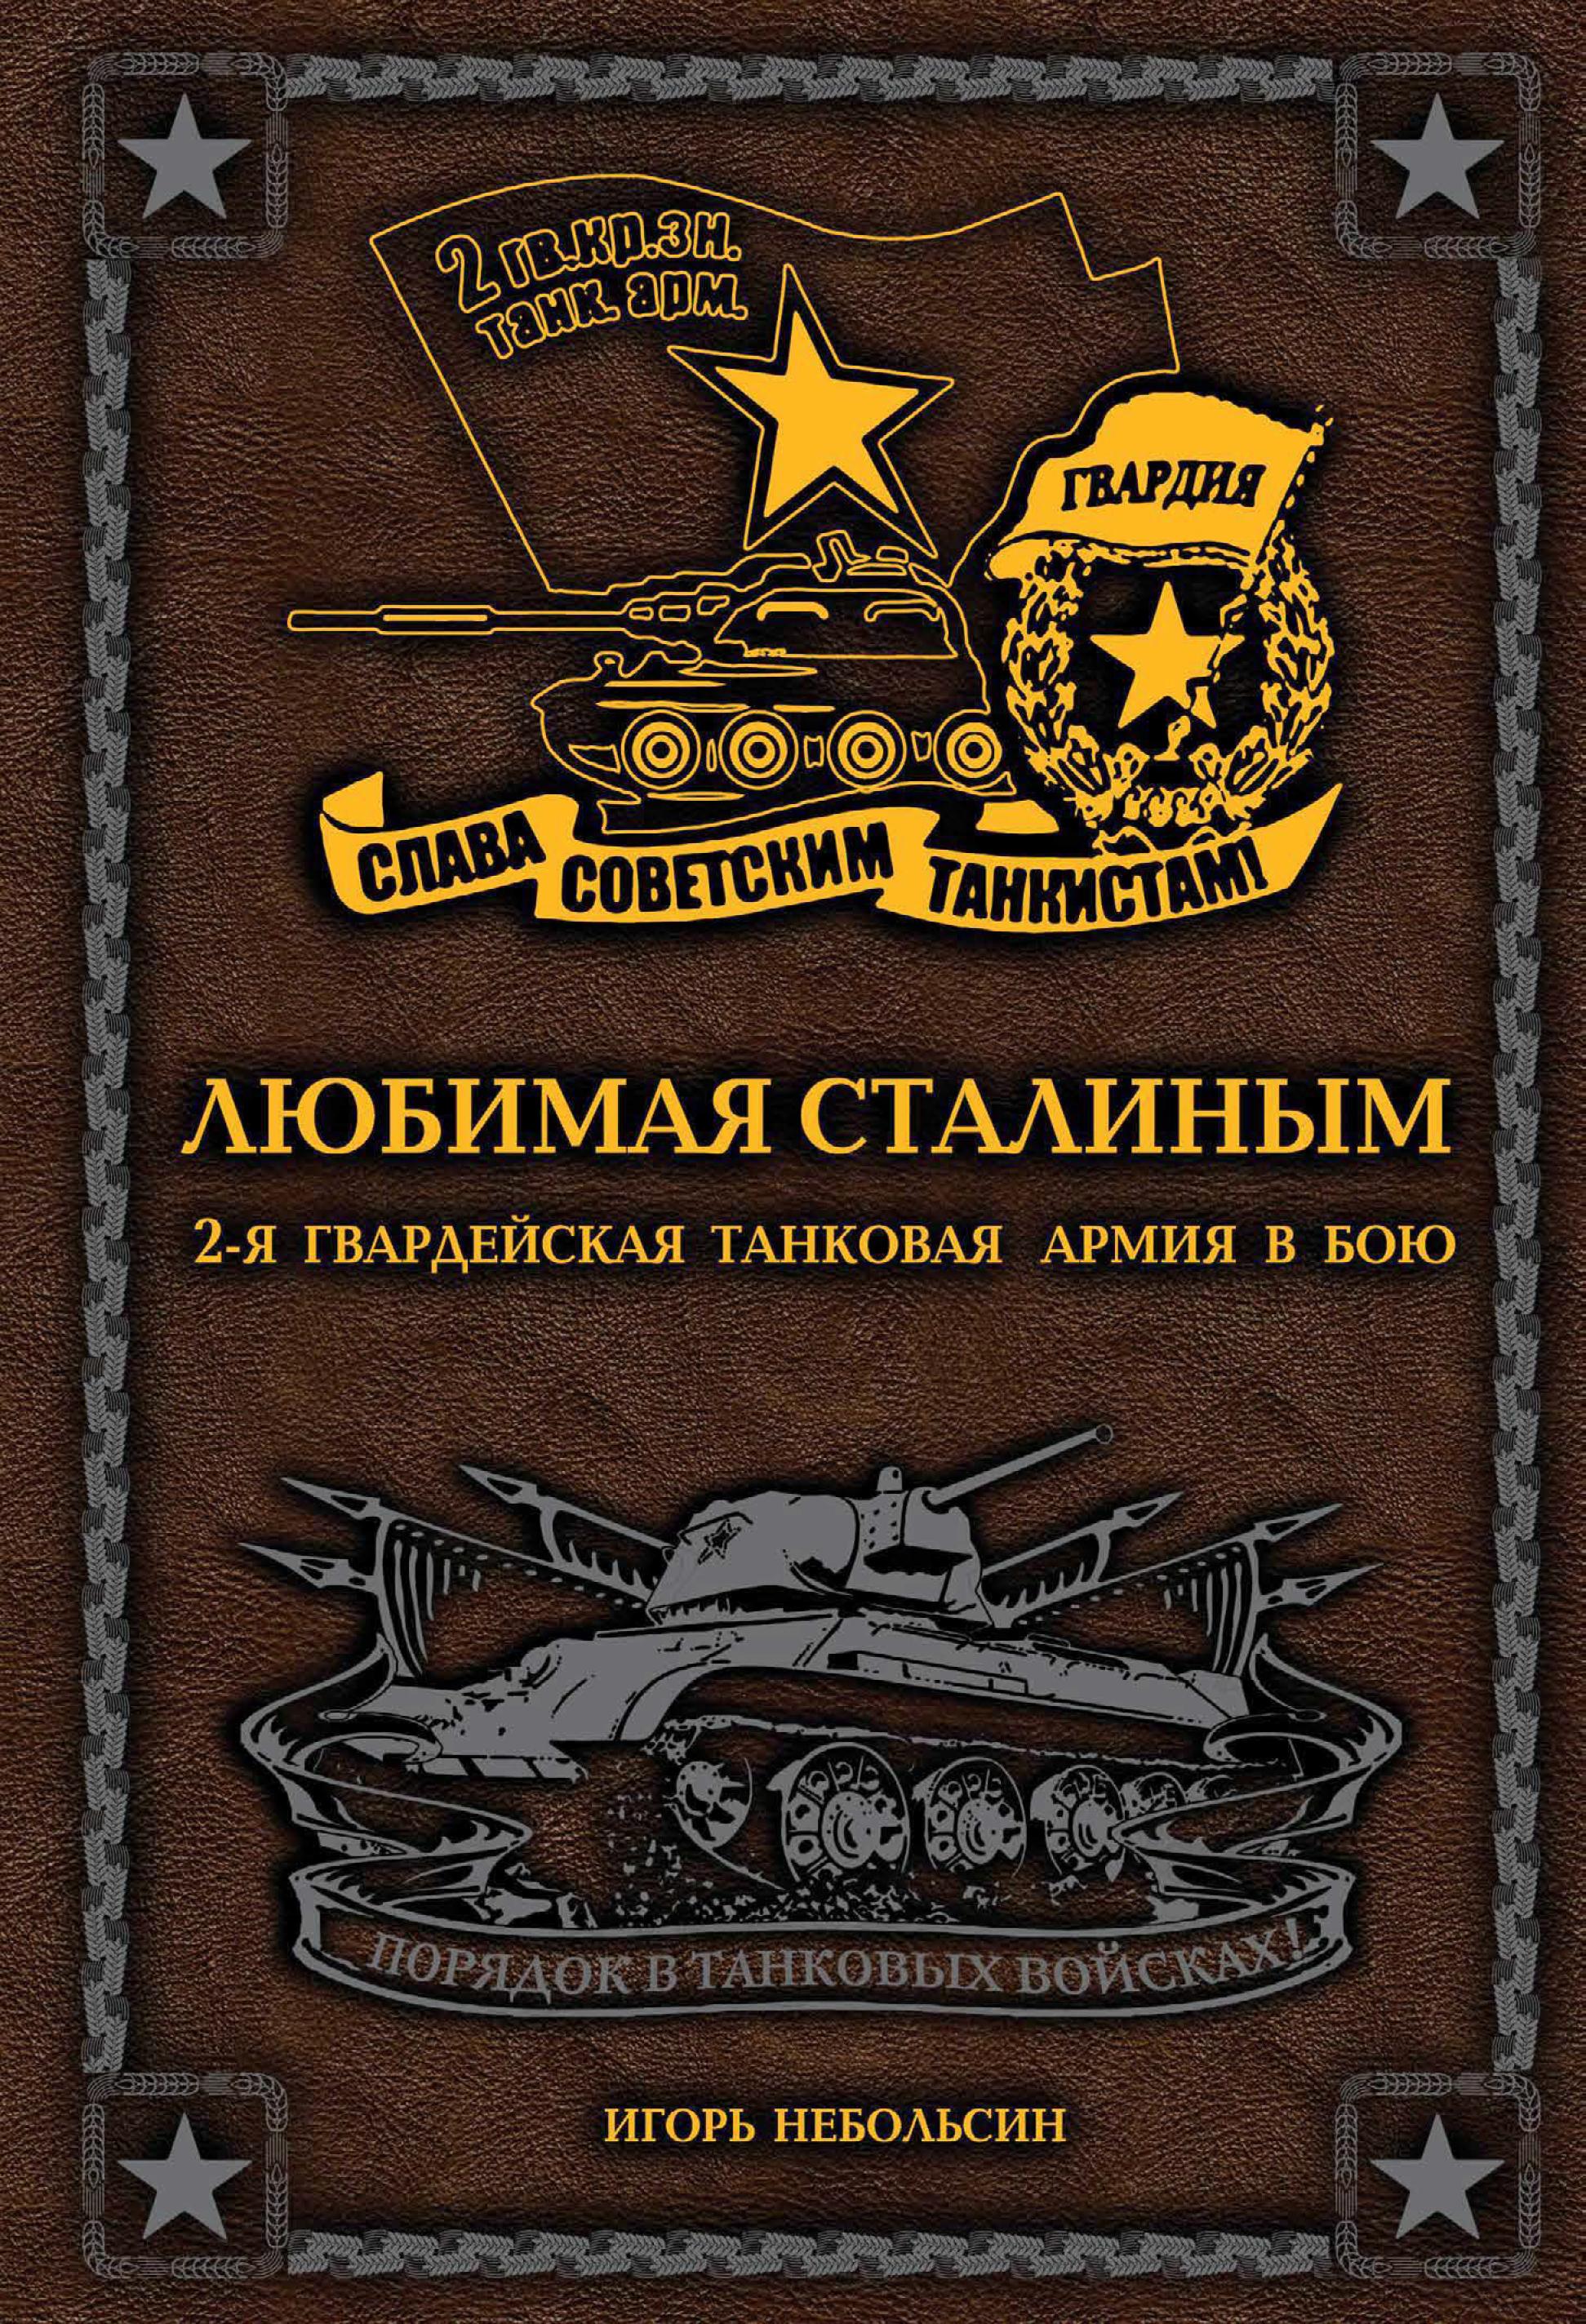 Игорь Небольсин Любимая Сталиным. 2-я Гвардейская танковая армия в бою цена 2017